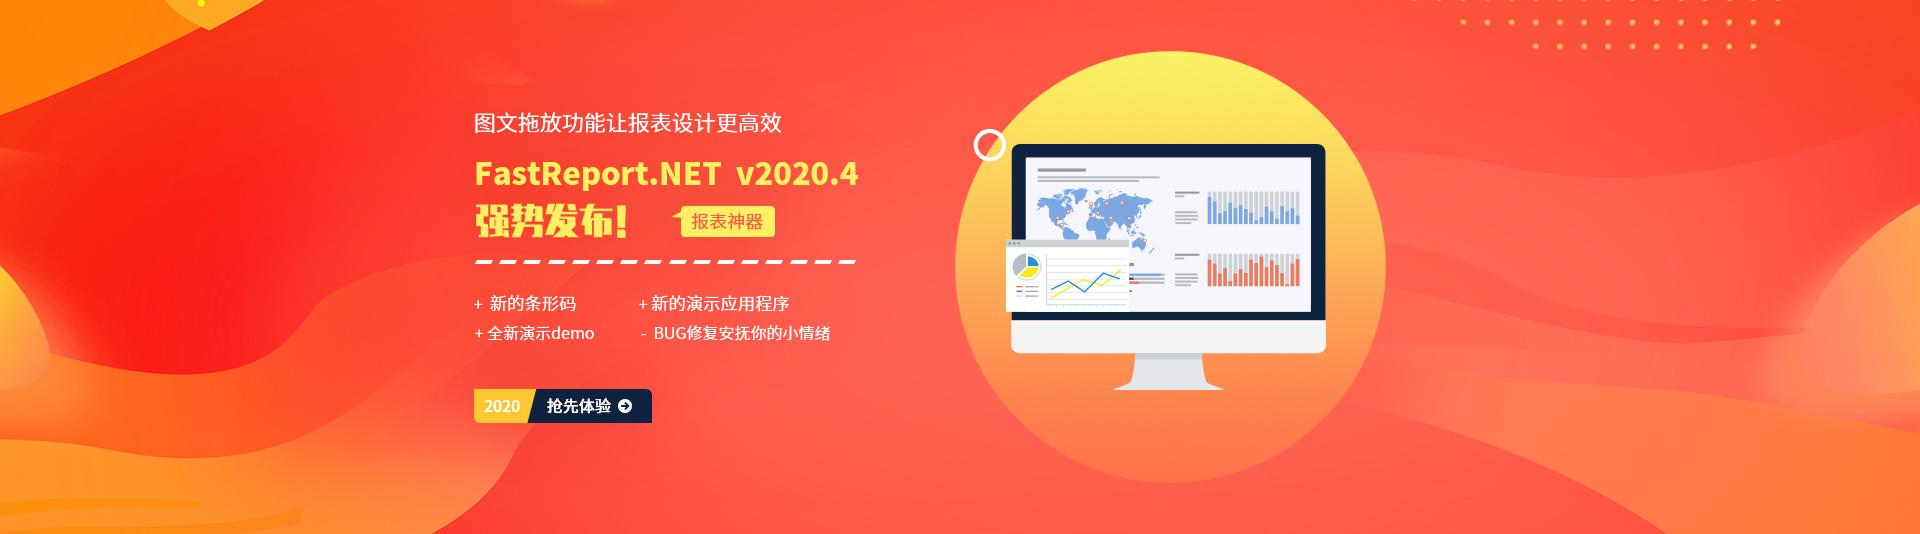 FastReport .net v2020.4更新